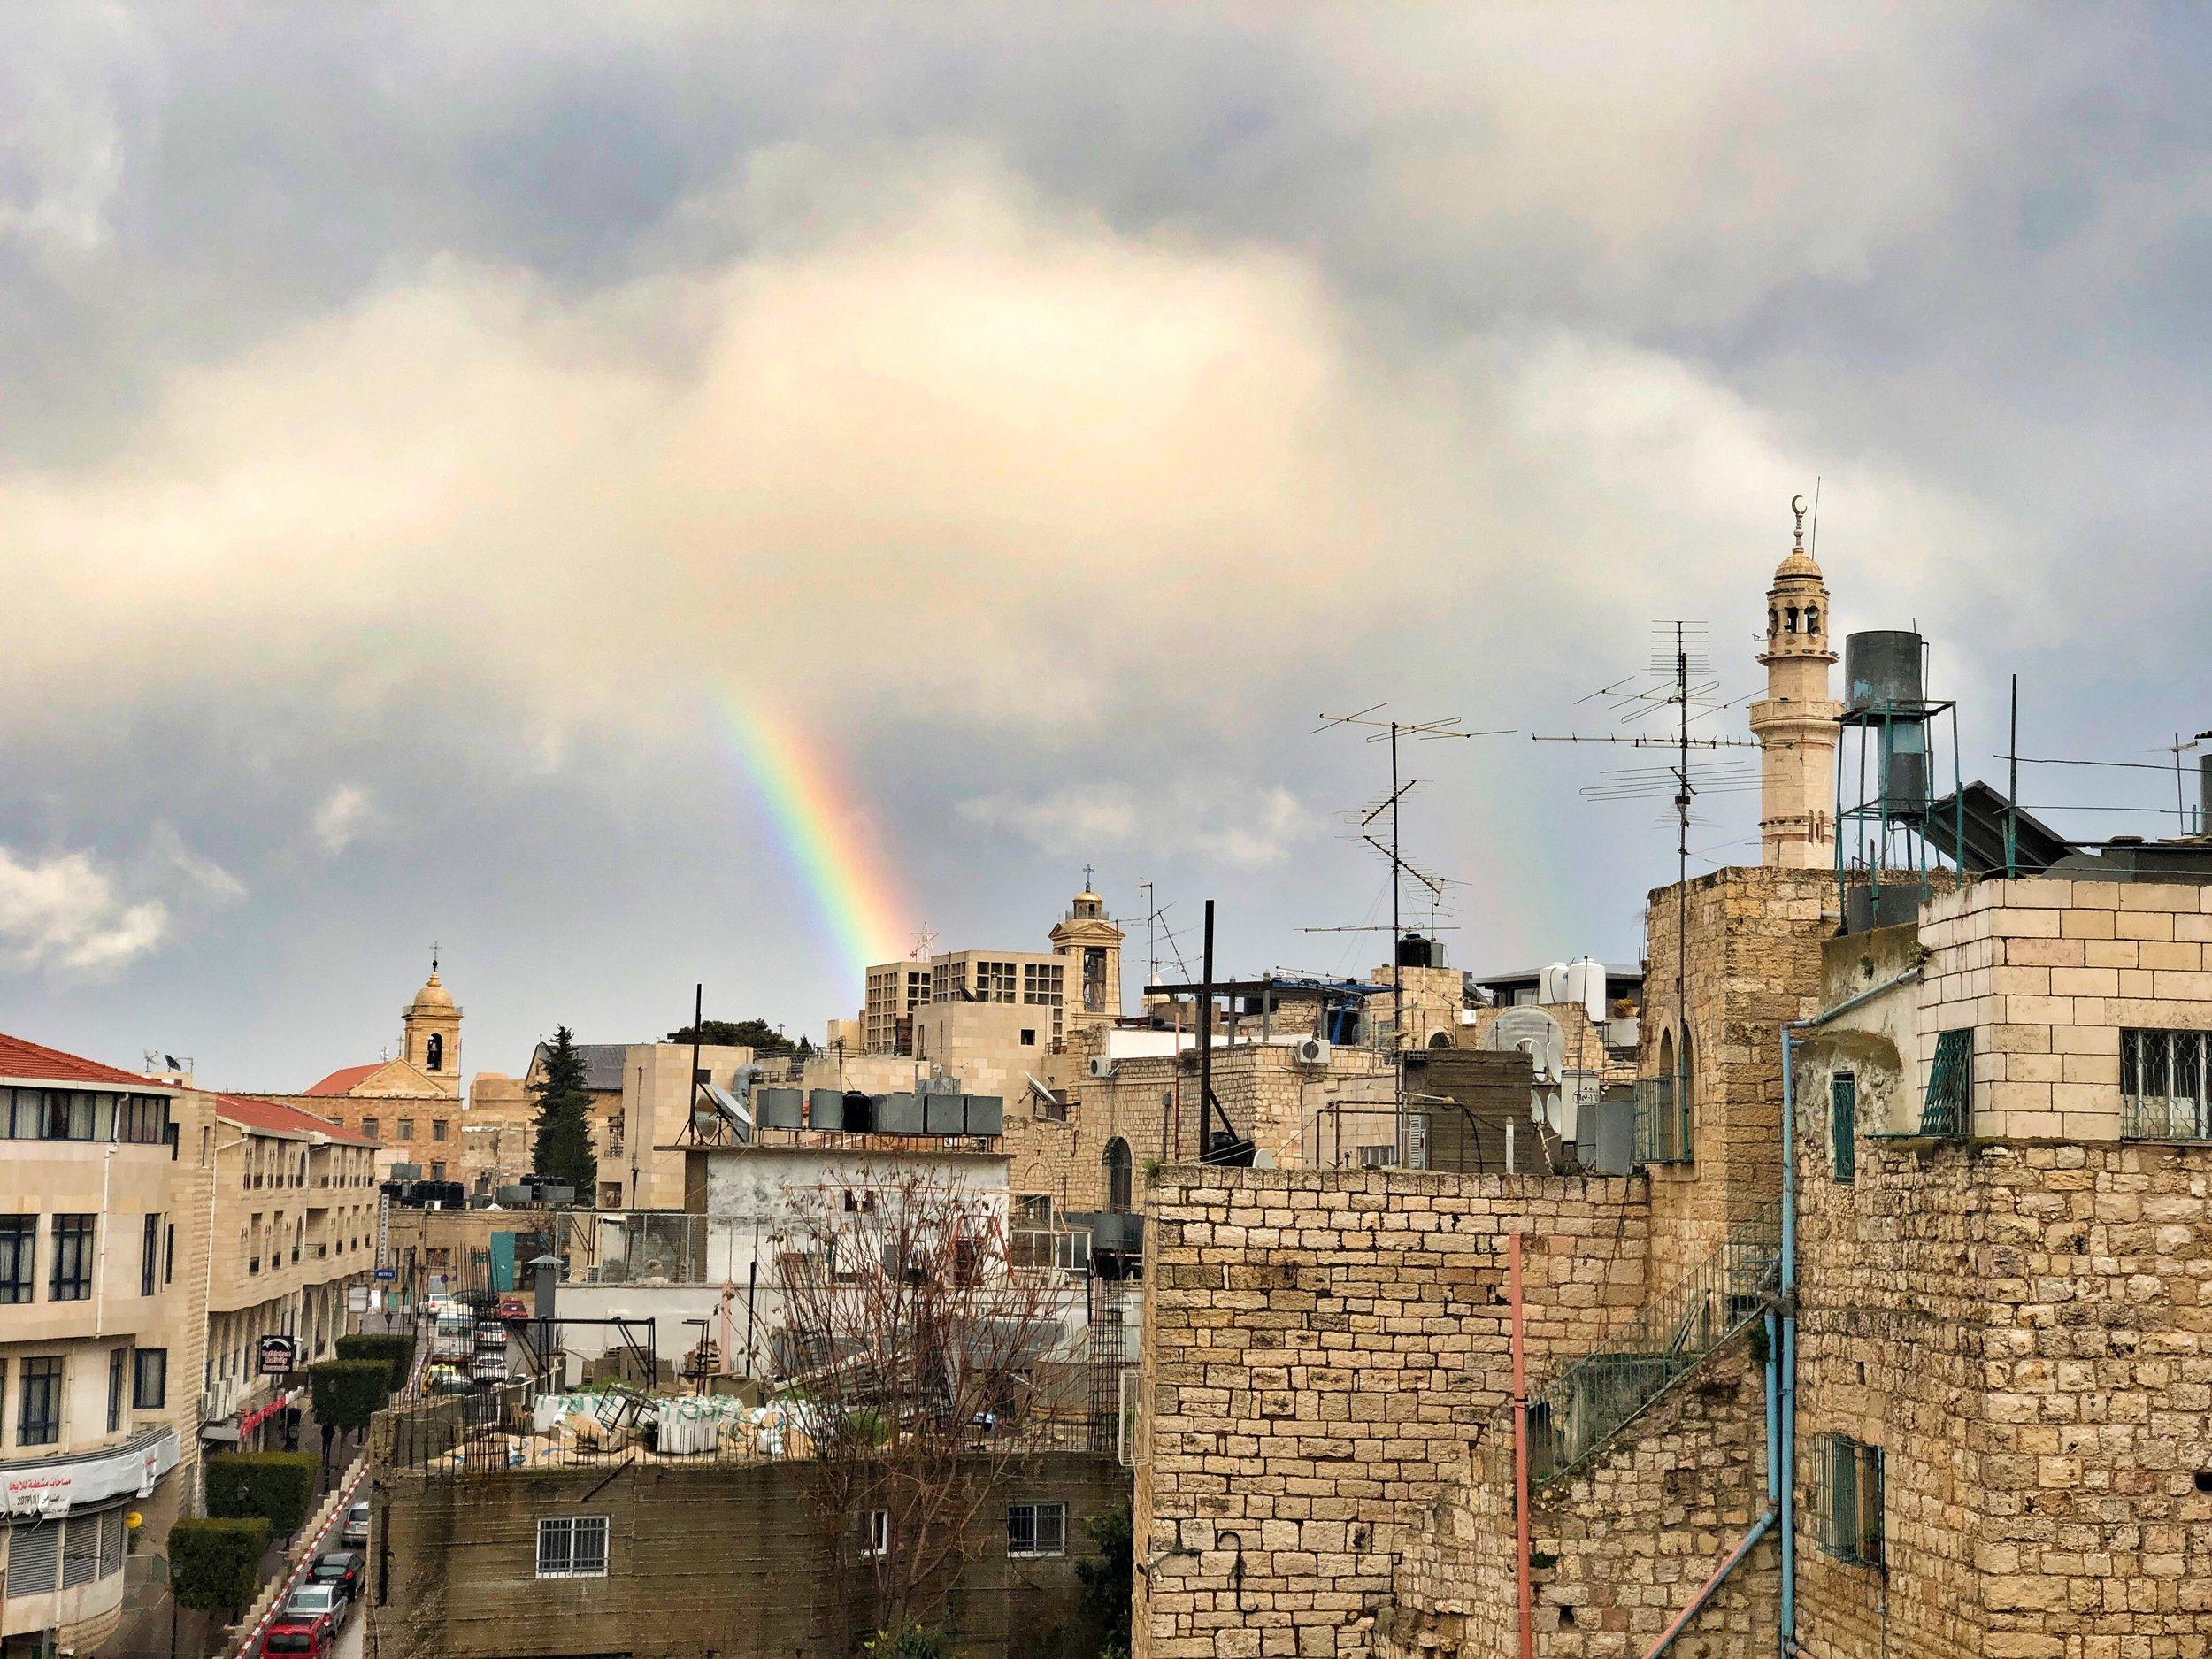 Rainbow over Bethlehem as we left Sami Awad's place.